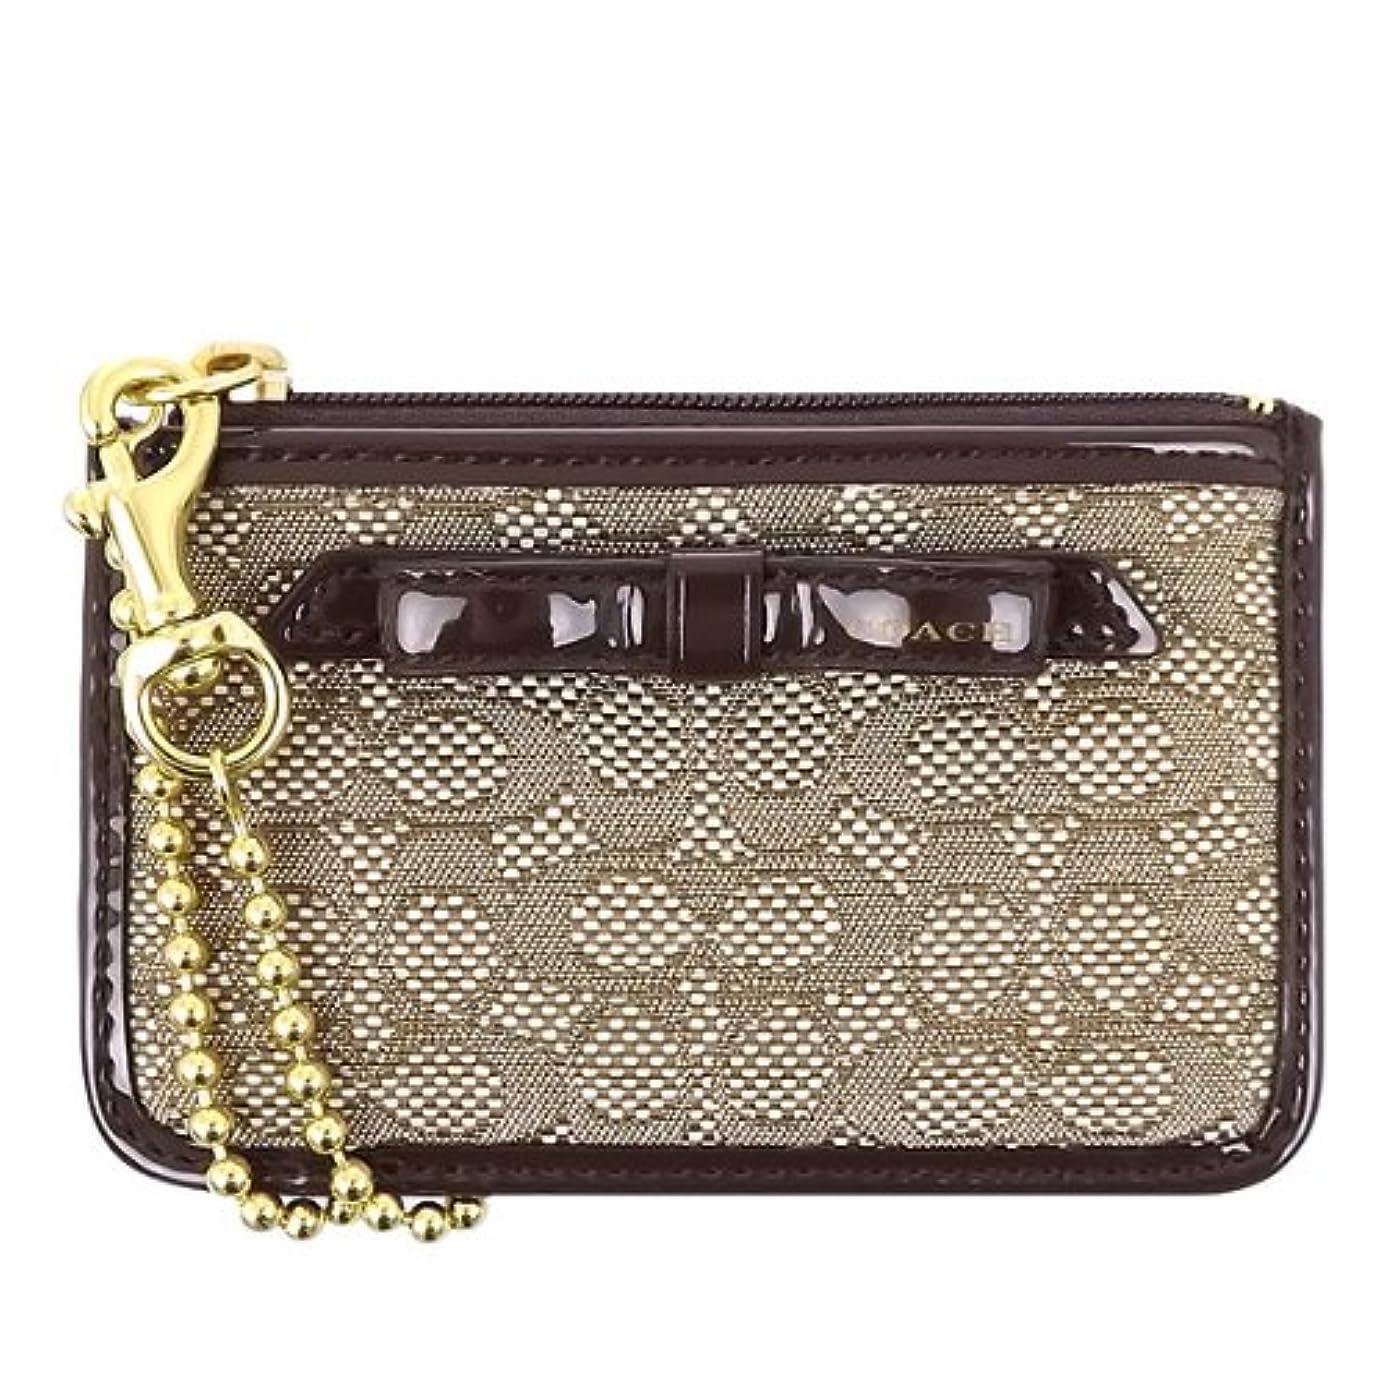 自動種をまく市区町村[コーチ] COACH 財布 (コインケース) F49821 カーキ×マホガニー BKHMA シグネチャー 財布 レディース [アウトレット品] [並行輸入品]